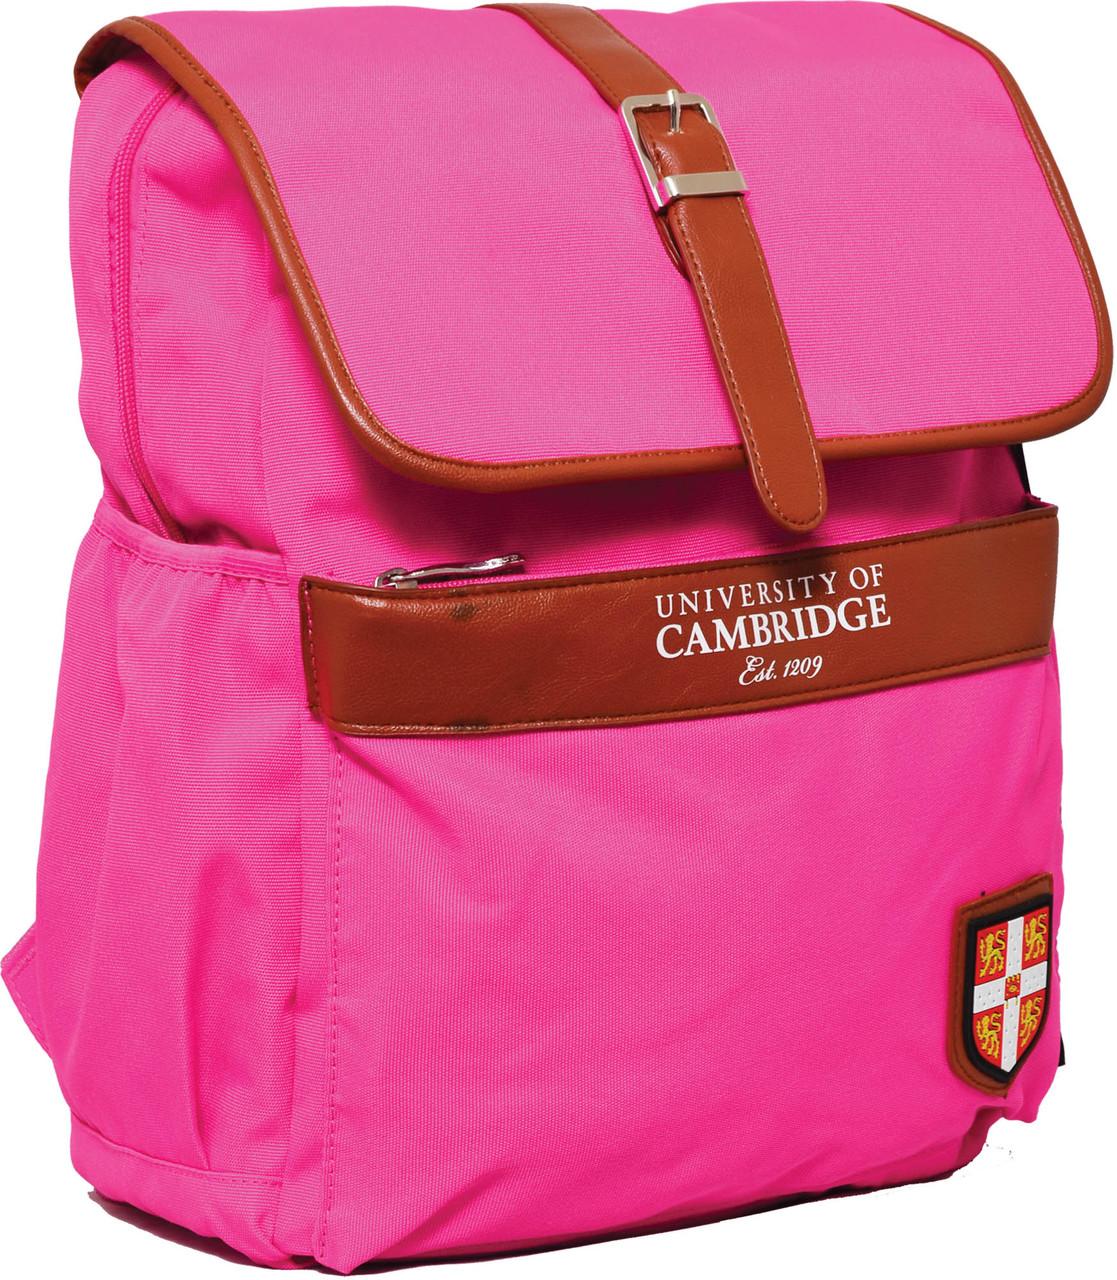 Рюкзак городской YES CA071 Cambridge розовый 29*13*35.5см код: 552970